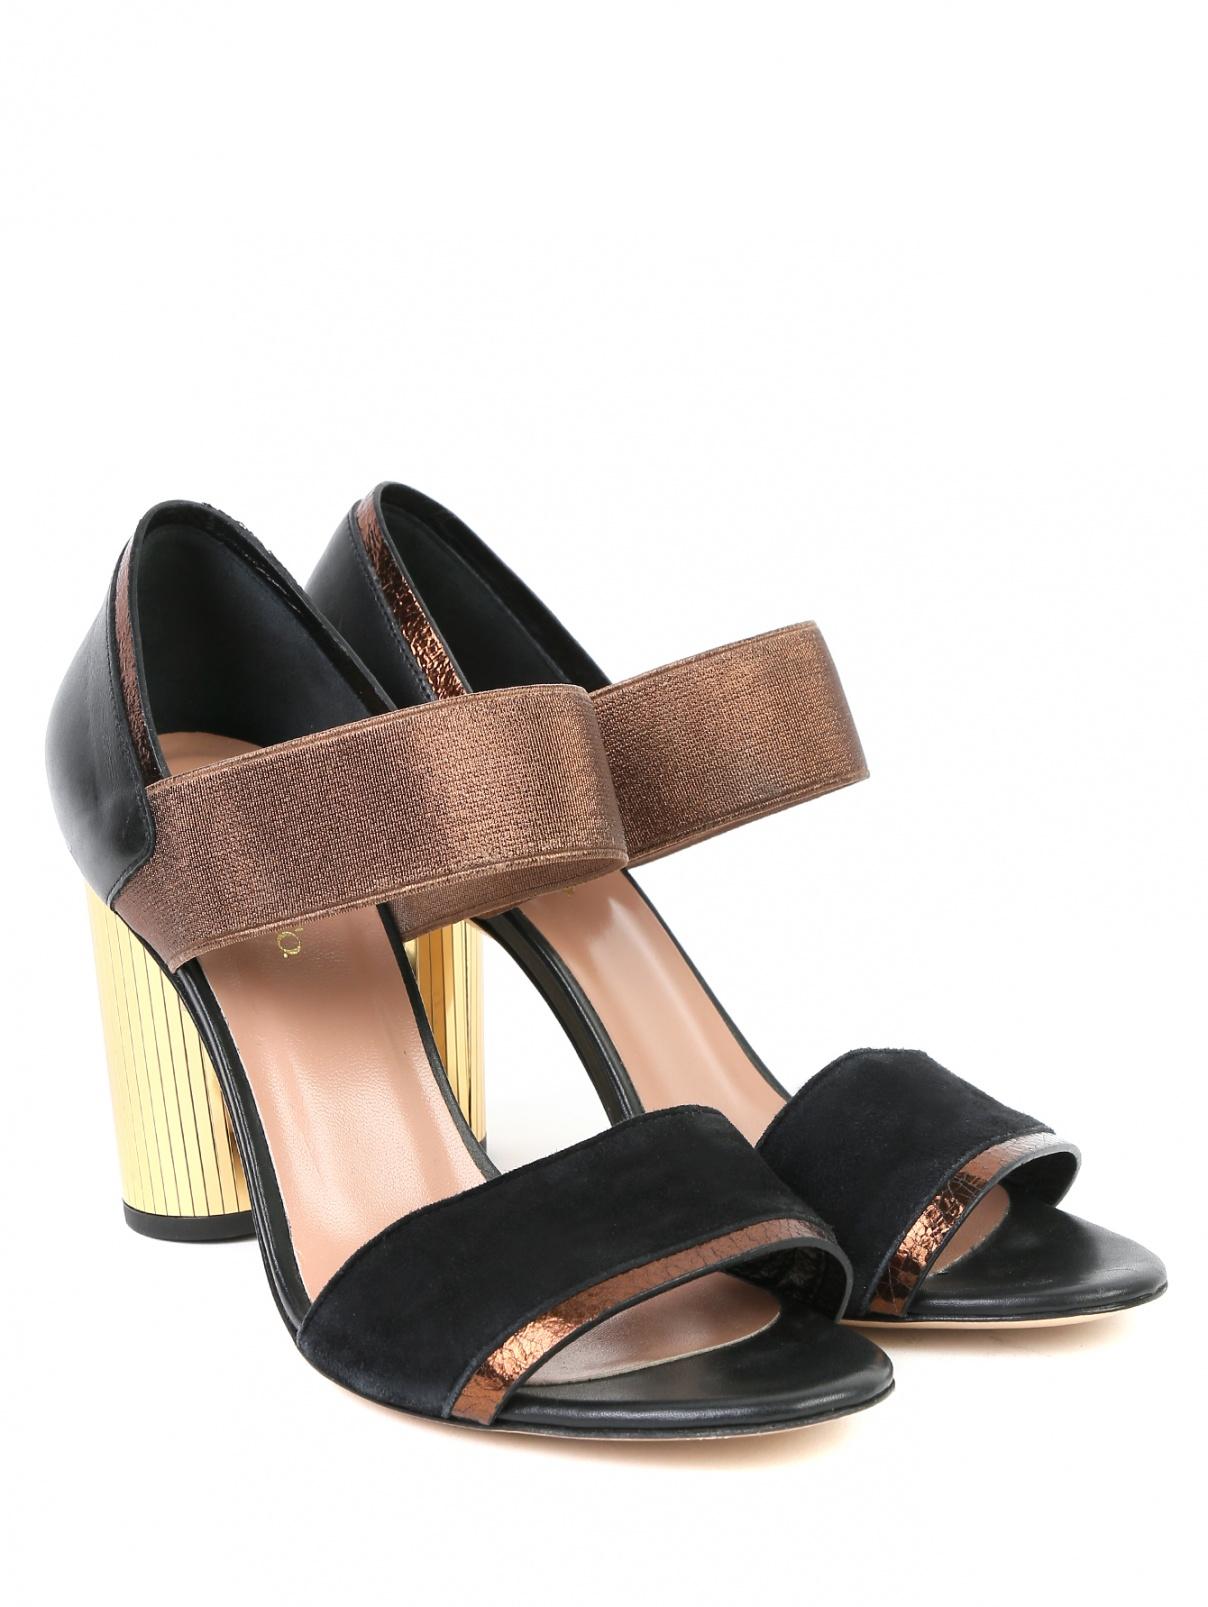 Босоножки из кожи и замши на устойчивом каблуке Max&Co  –  Общий вид  – Цвет:  Черный